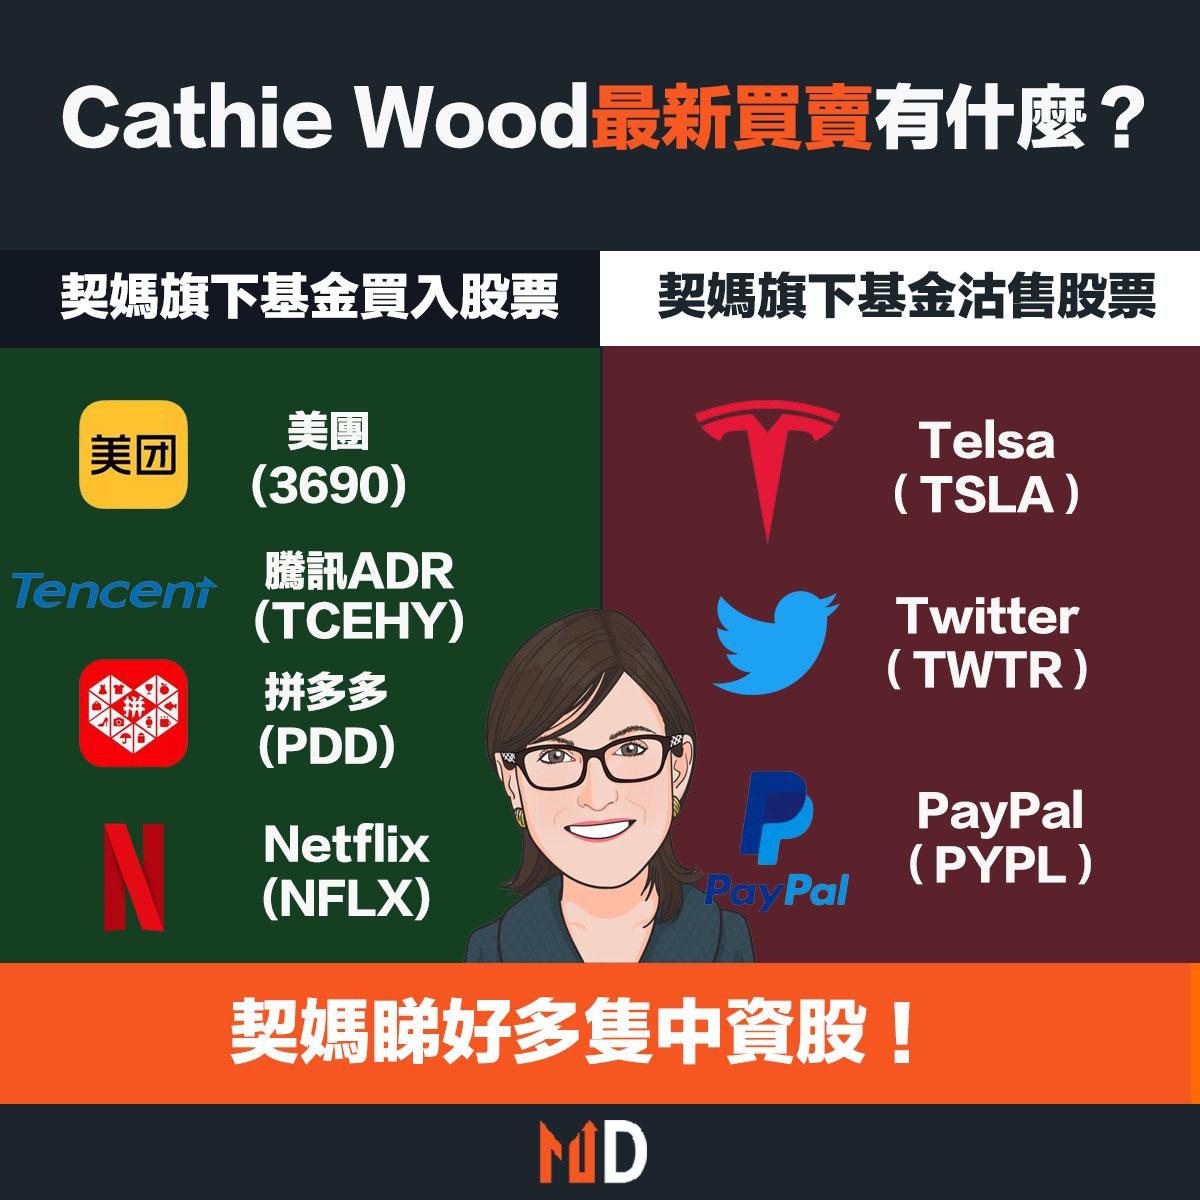 【連登契媽】Cathie Wood買入美團